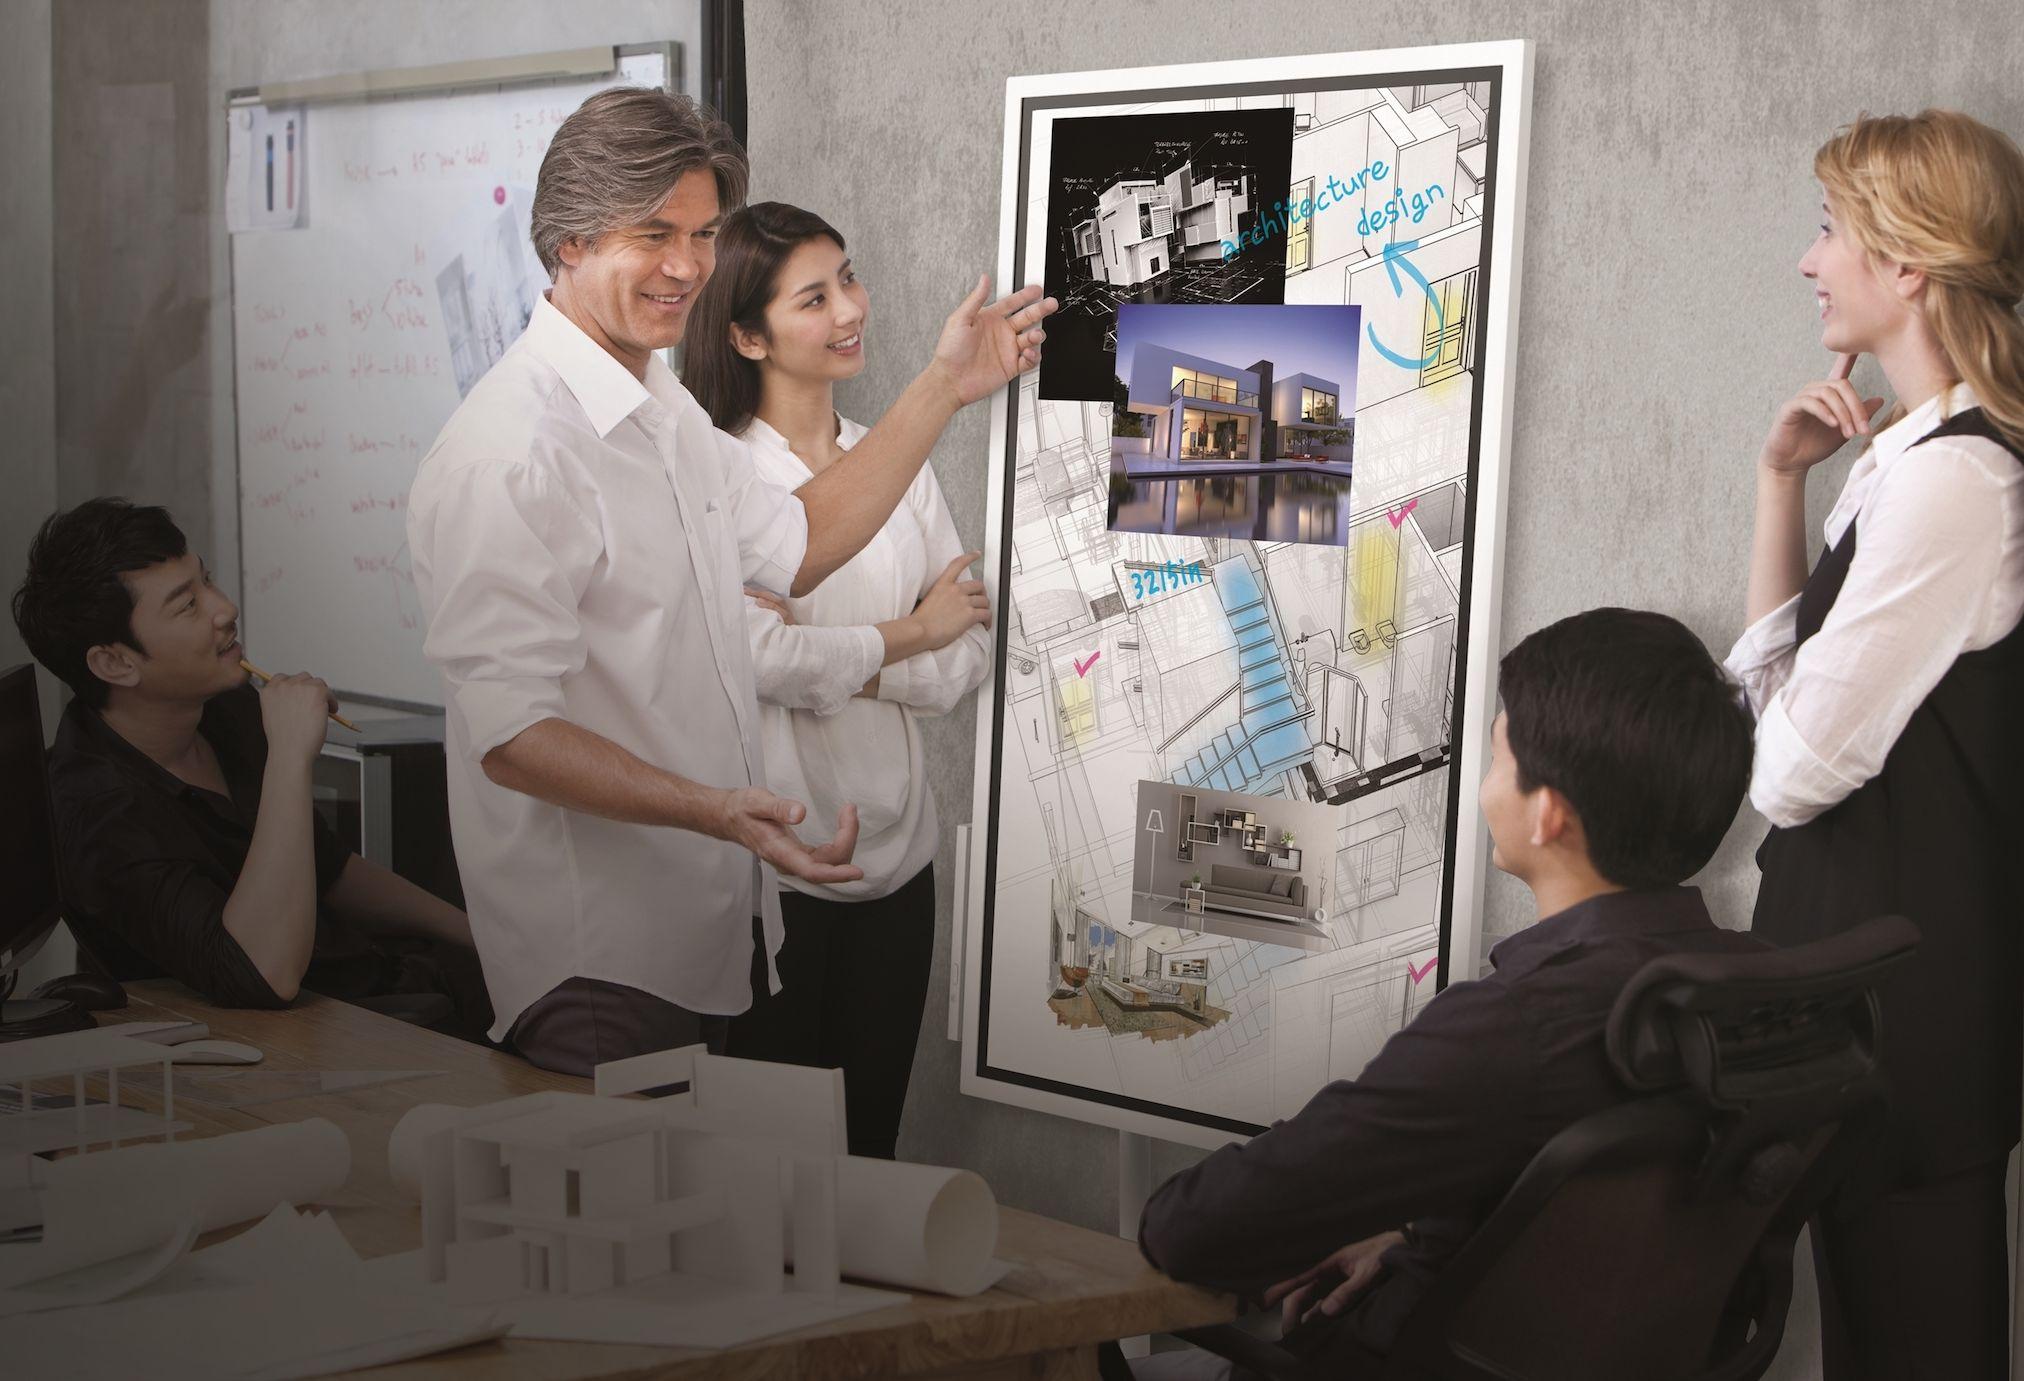 Vaata, milline võiks näha välja tuleviku kontor